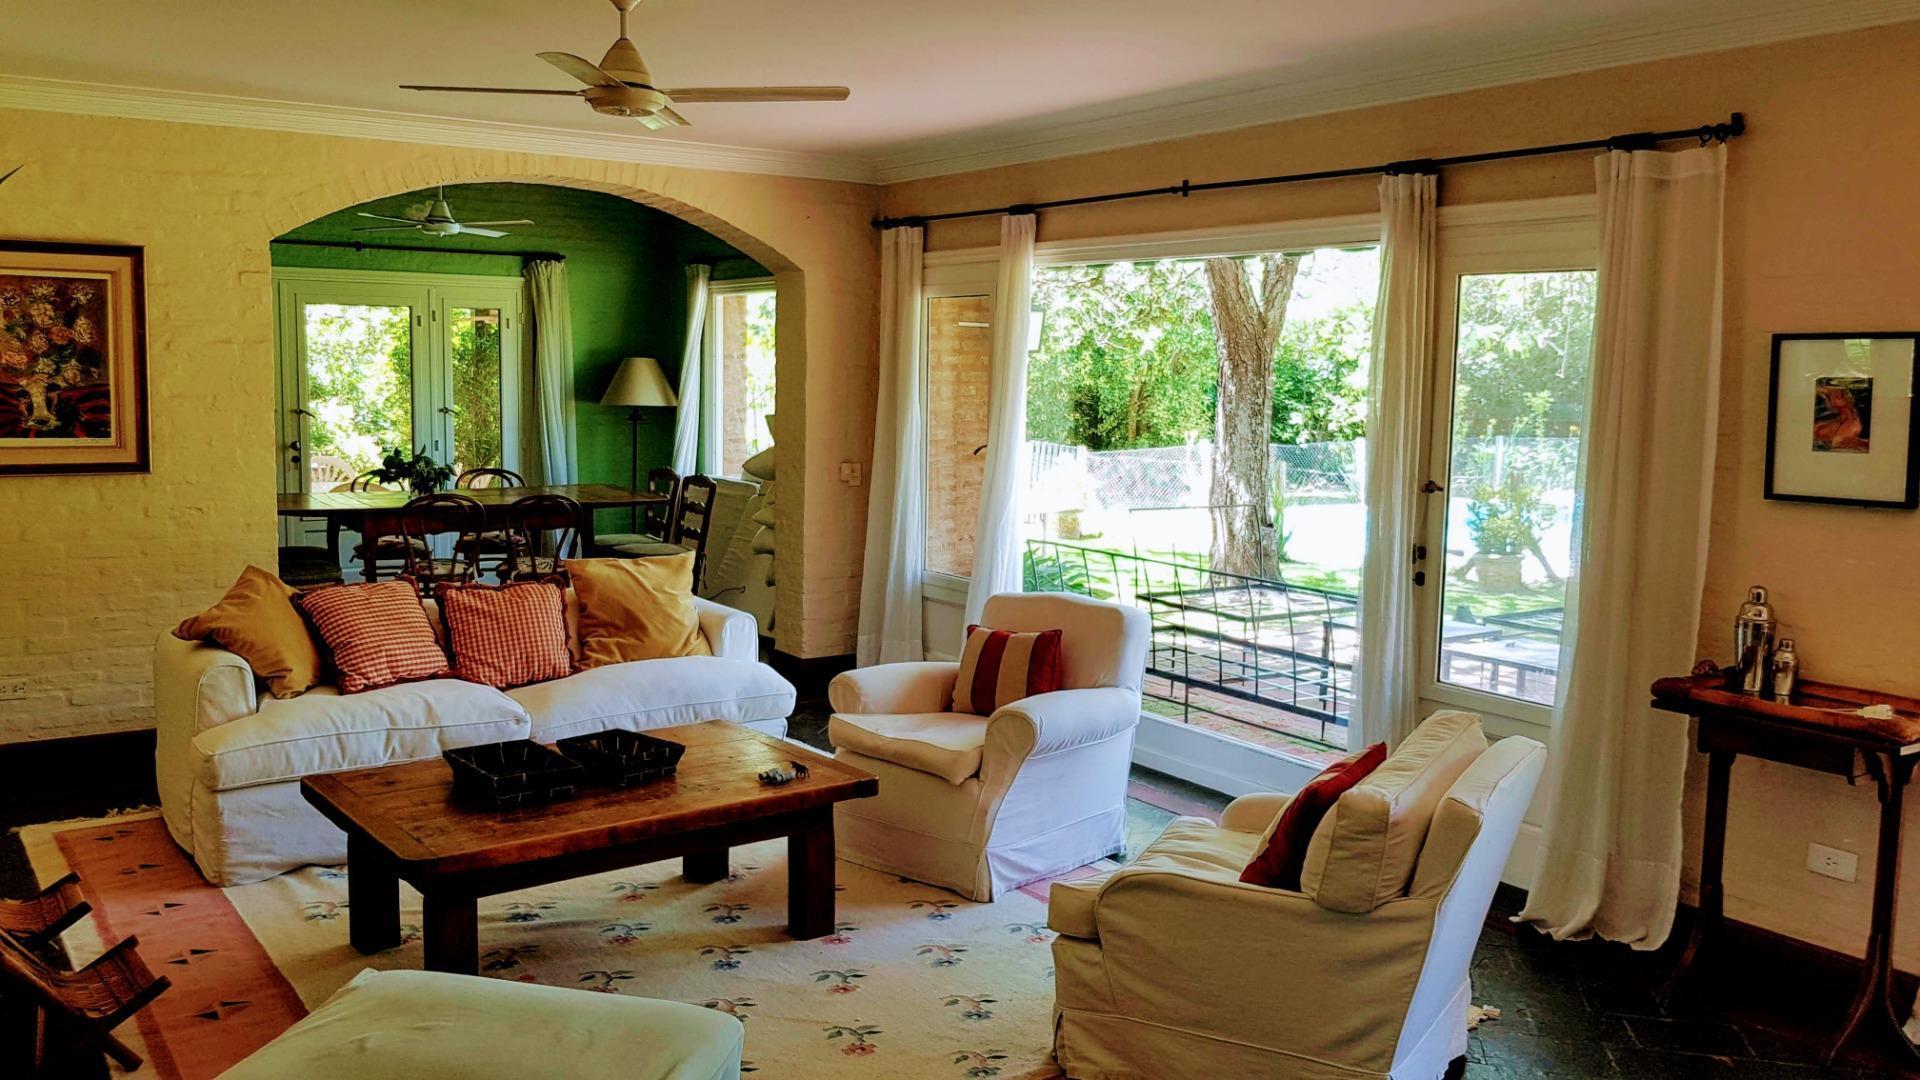 Casa en Martindale Country Club con 4 habitaciones